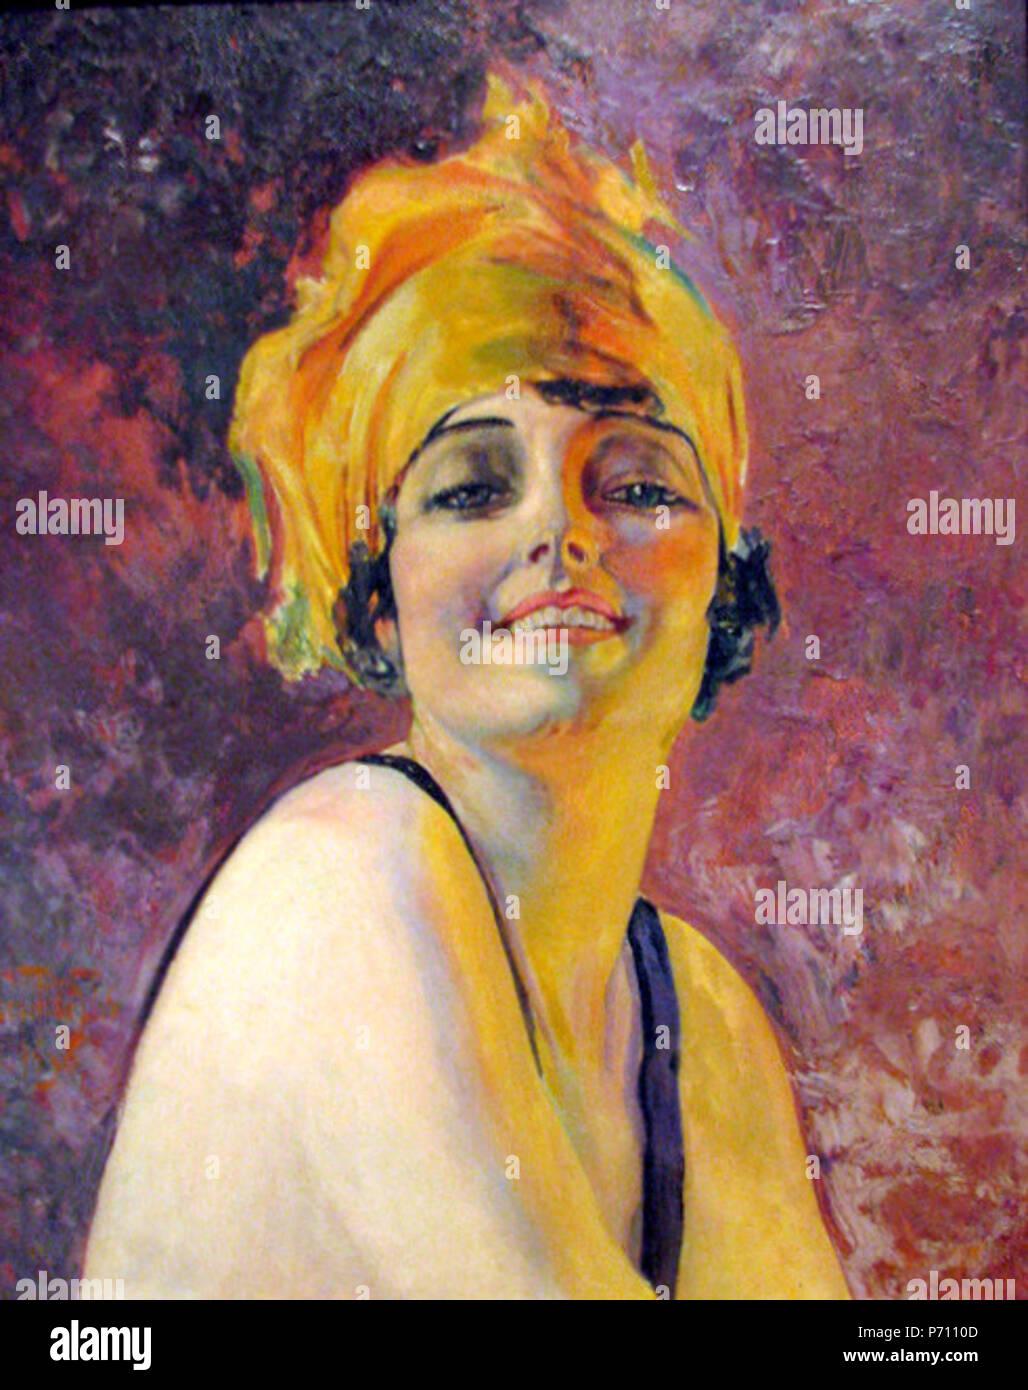 . Inglese: giovane donna con un turban Português: Mulher de Turbante 1930 45 Oscar Pereira da Silva - 1930 - Mulher de turbante Immagini Stock